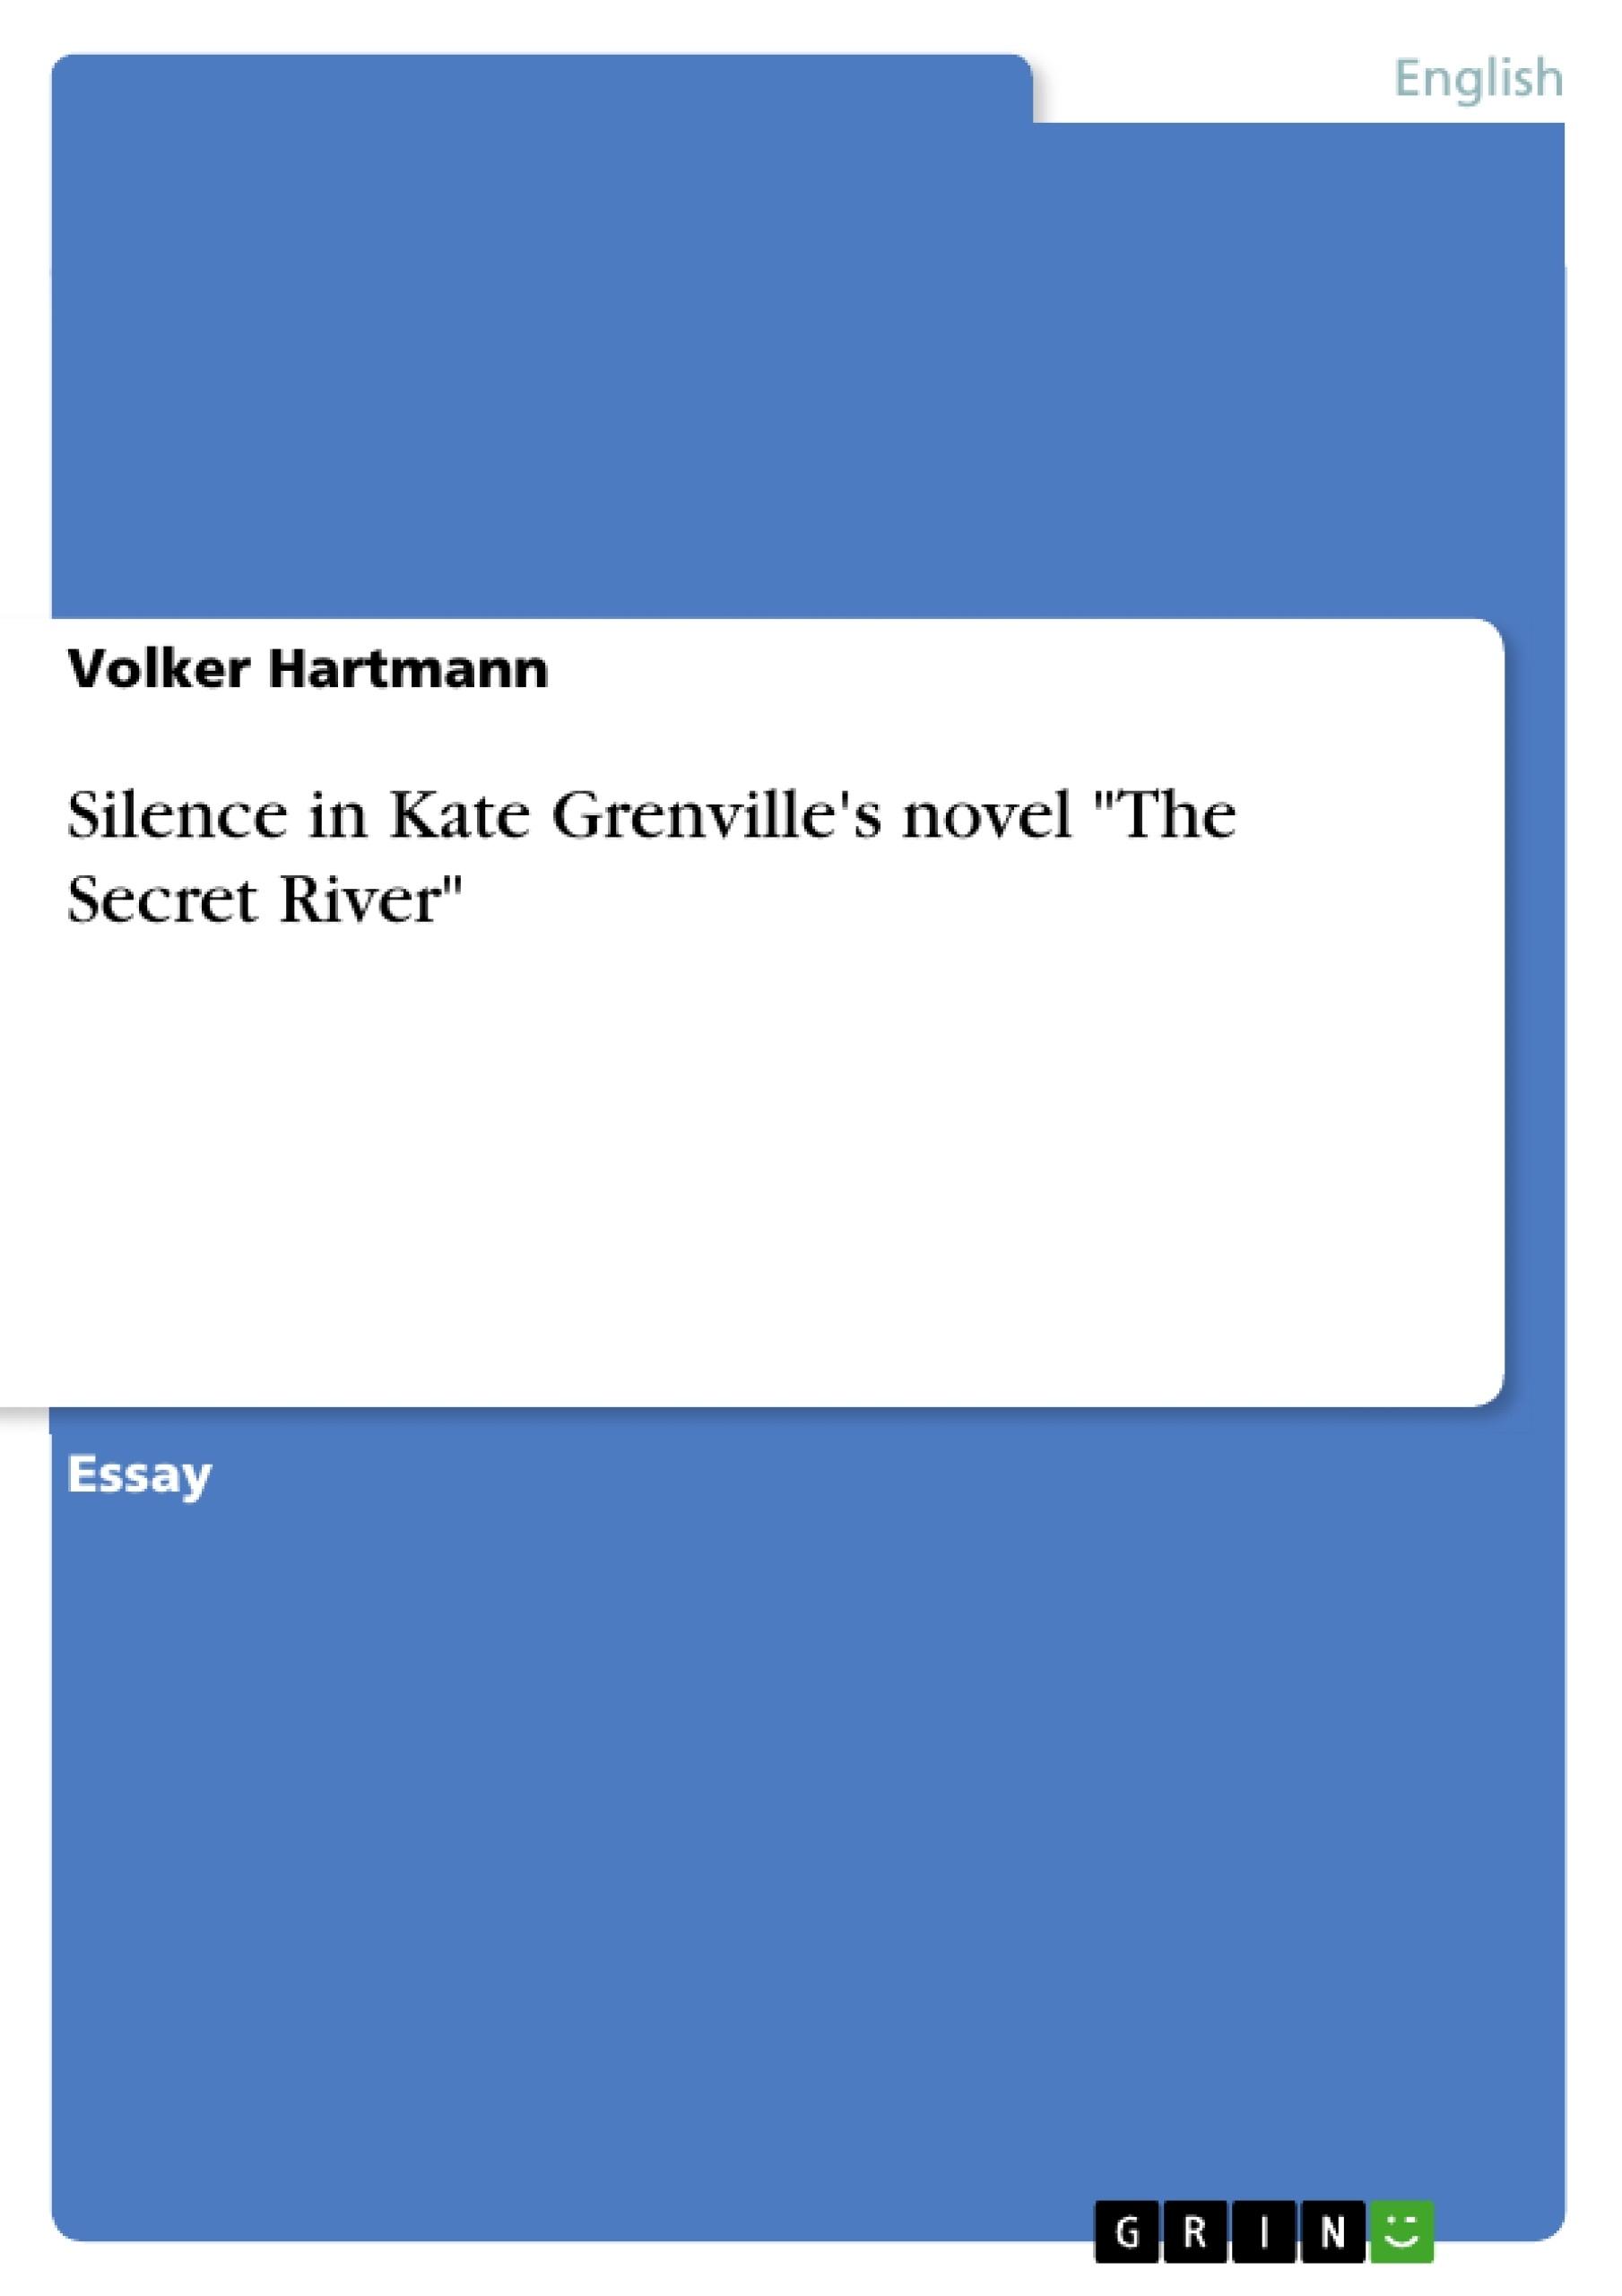 """Title: Silence in Kate Grenville's novel """"The Secret River"""""""